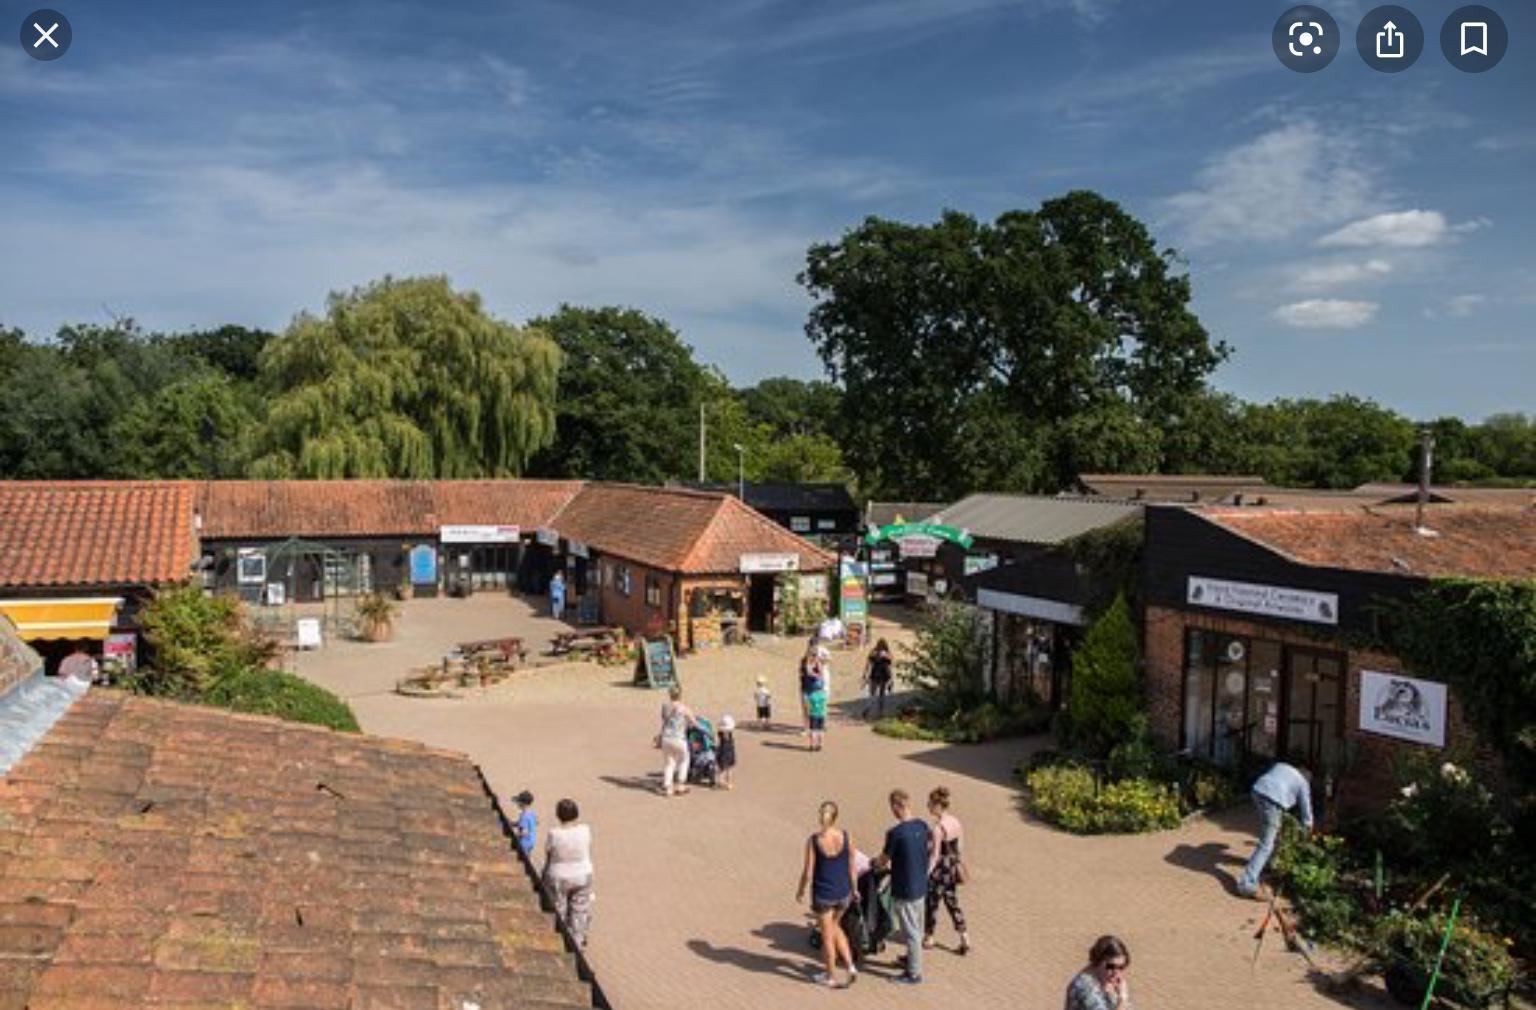 The Noor Company Pop Up Shop at Wroxham Barns